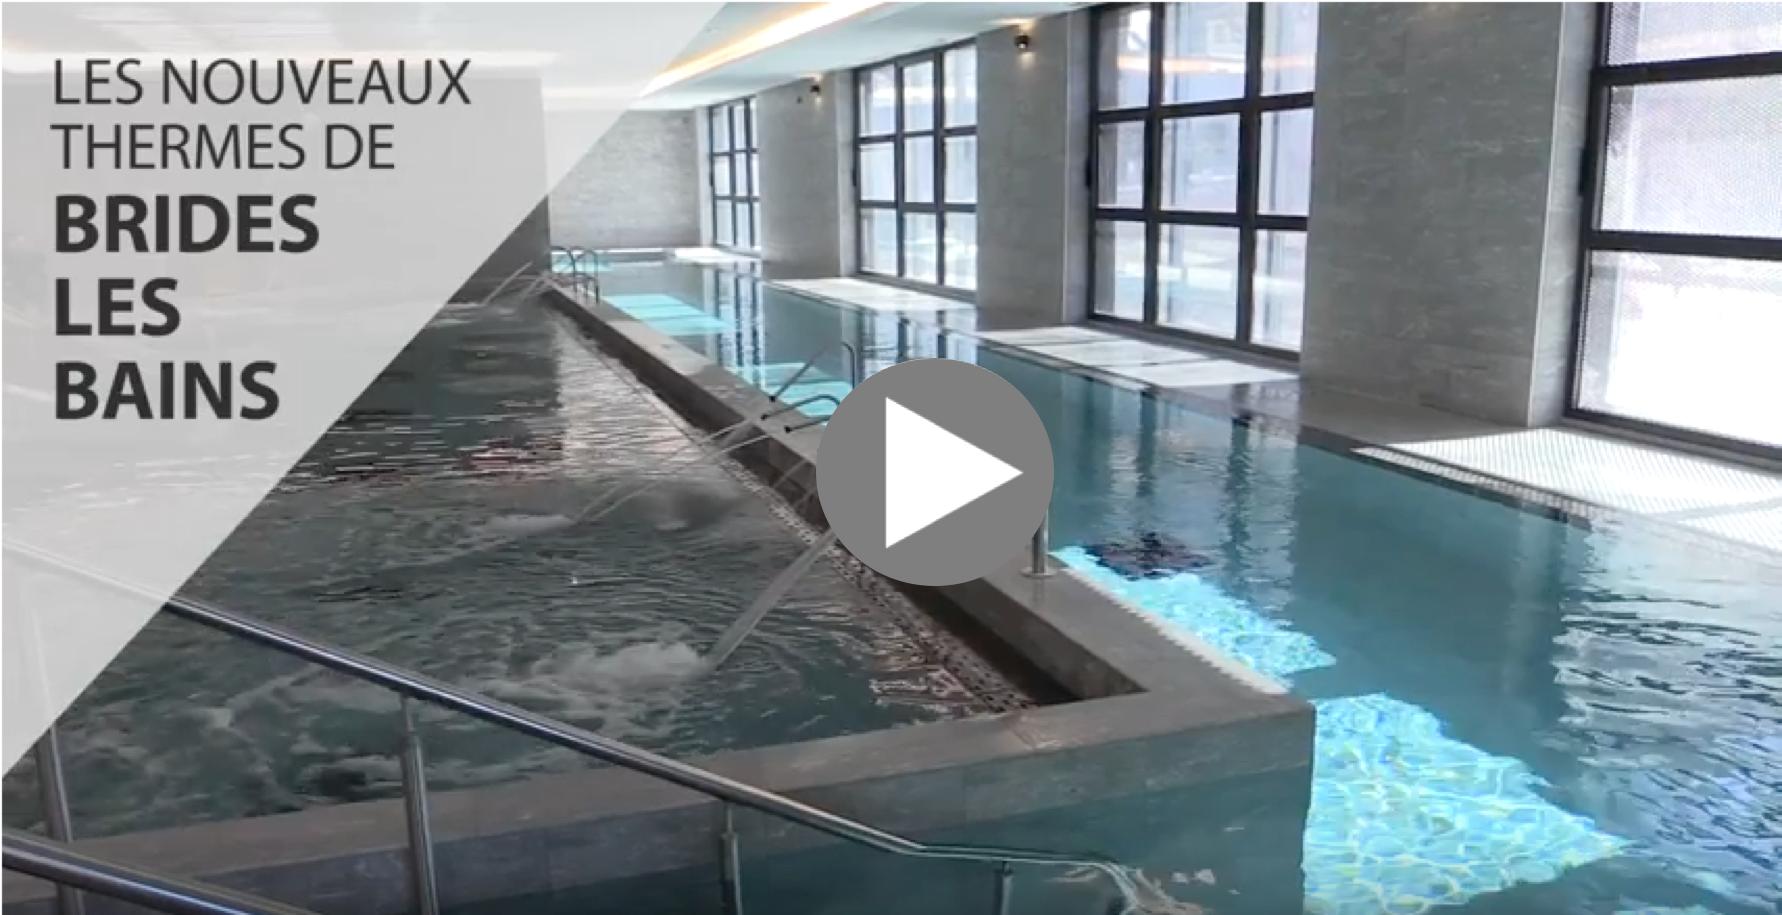 video_thermes_brides-les-bains